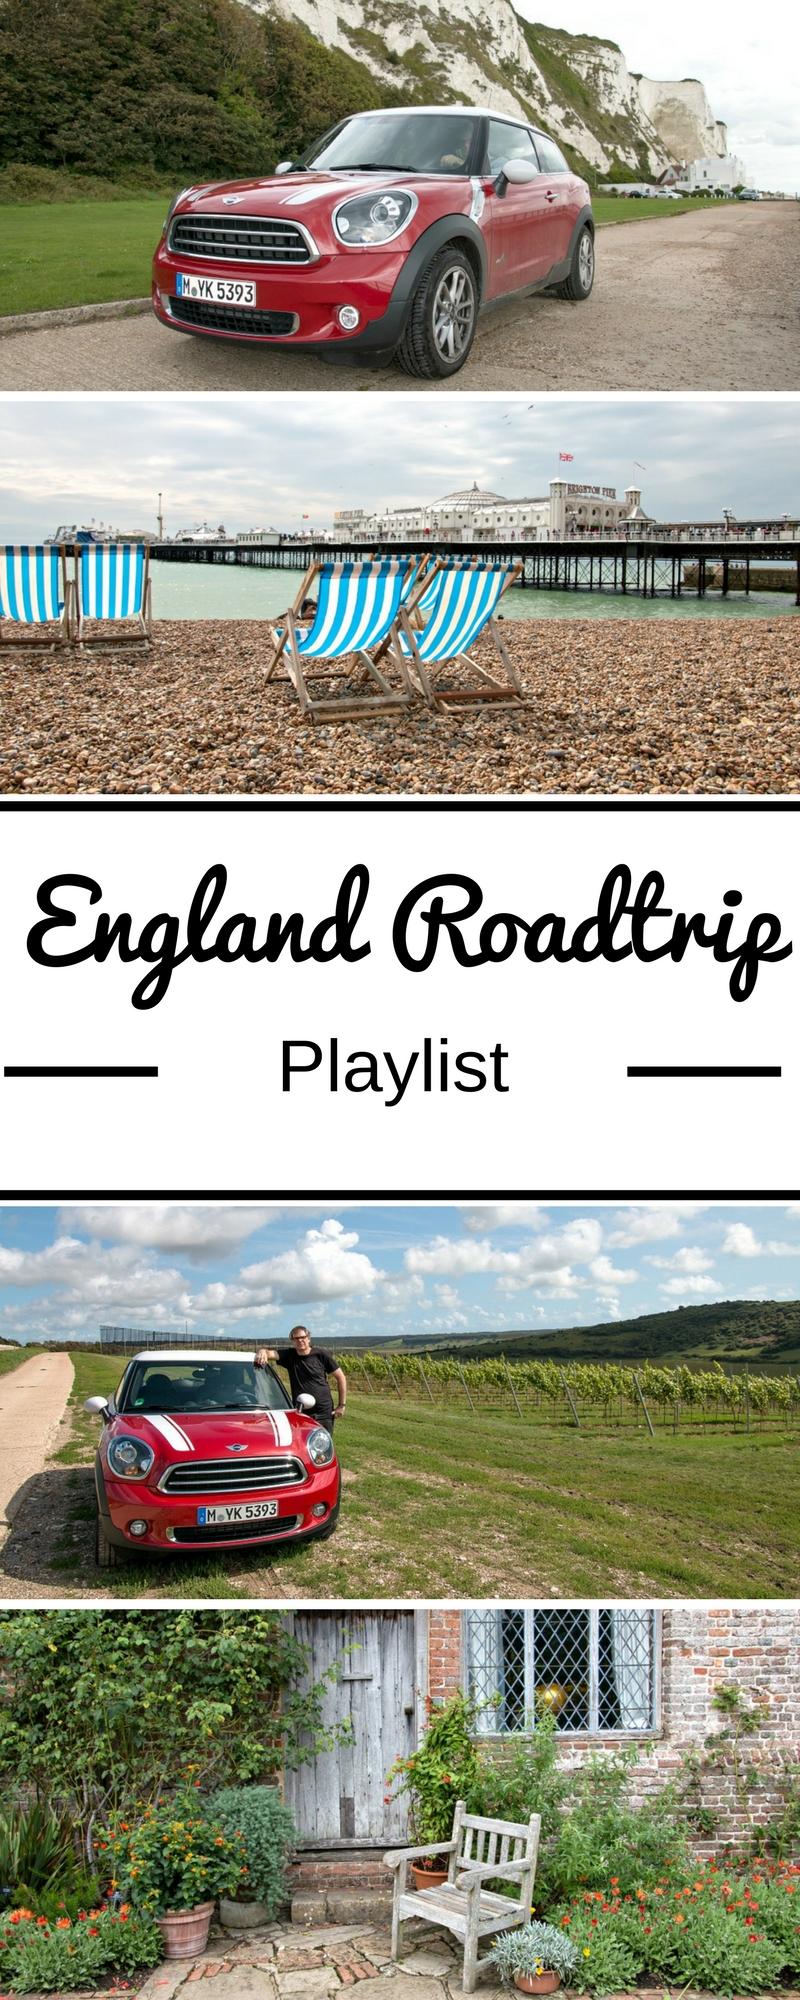 Mit dem Auto sind wir gerne in Südengland unterwegs. Ich habe eine Playlist für deinen England Roadtrip erstellt: Die Musik reicht von den Sixties über die Britpopbands der 90er bis hin zu heute. Have fun!